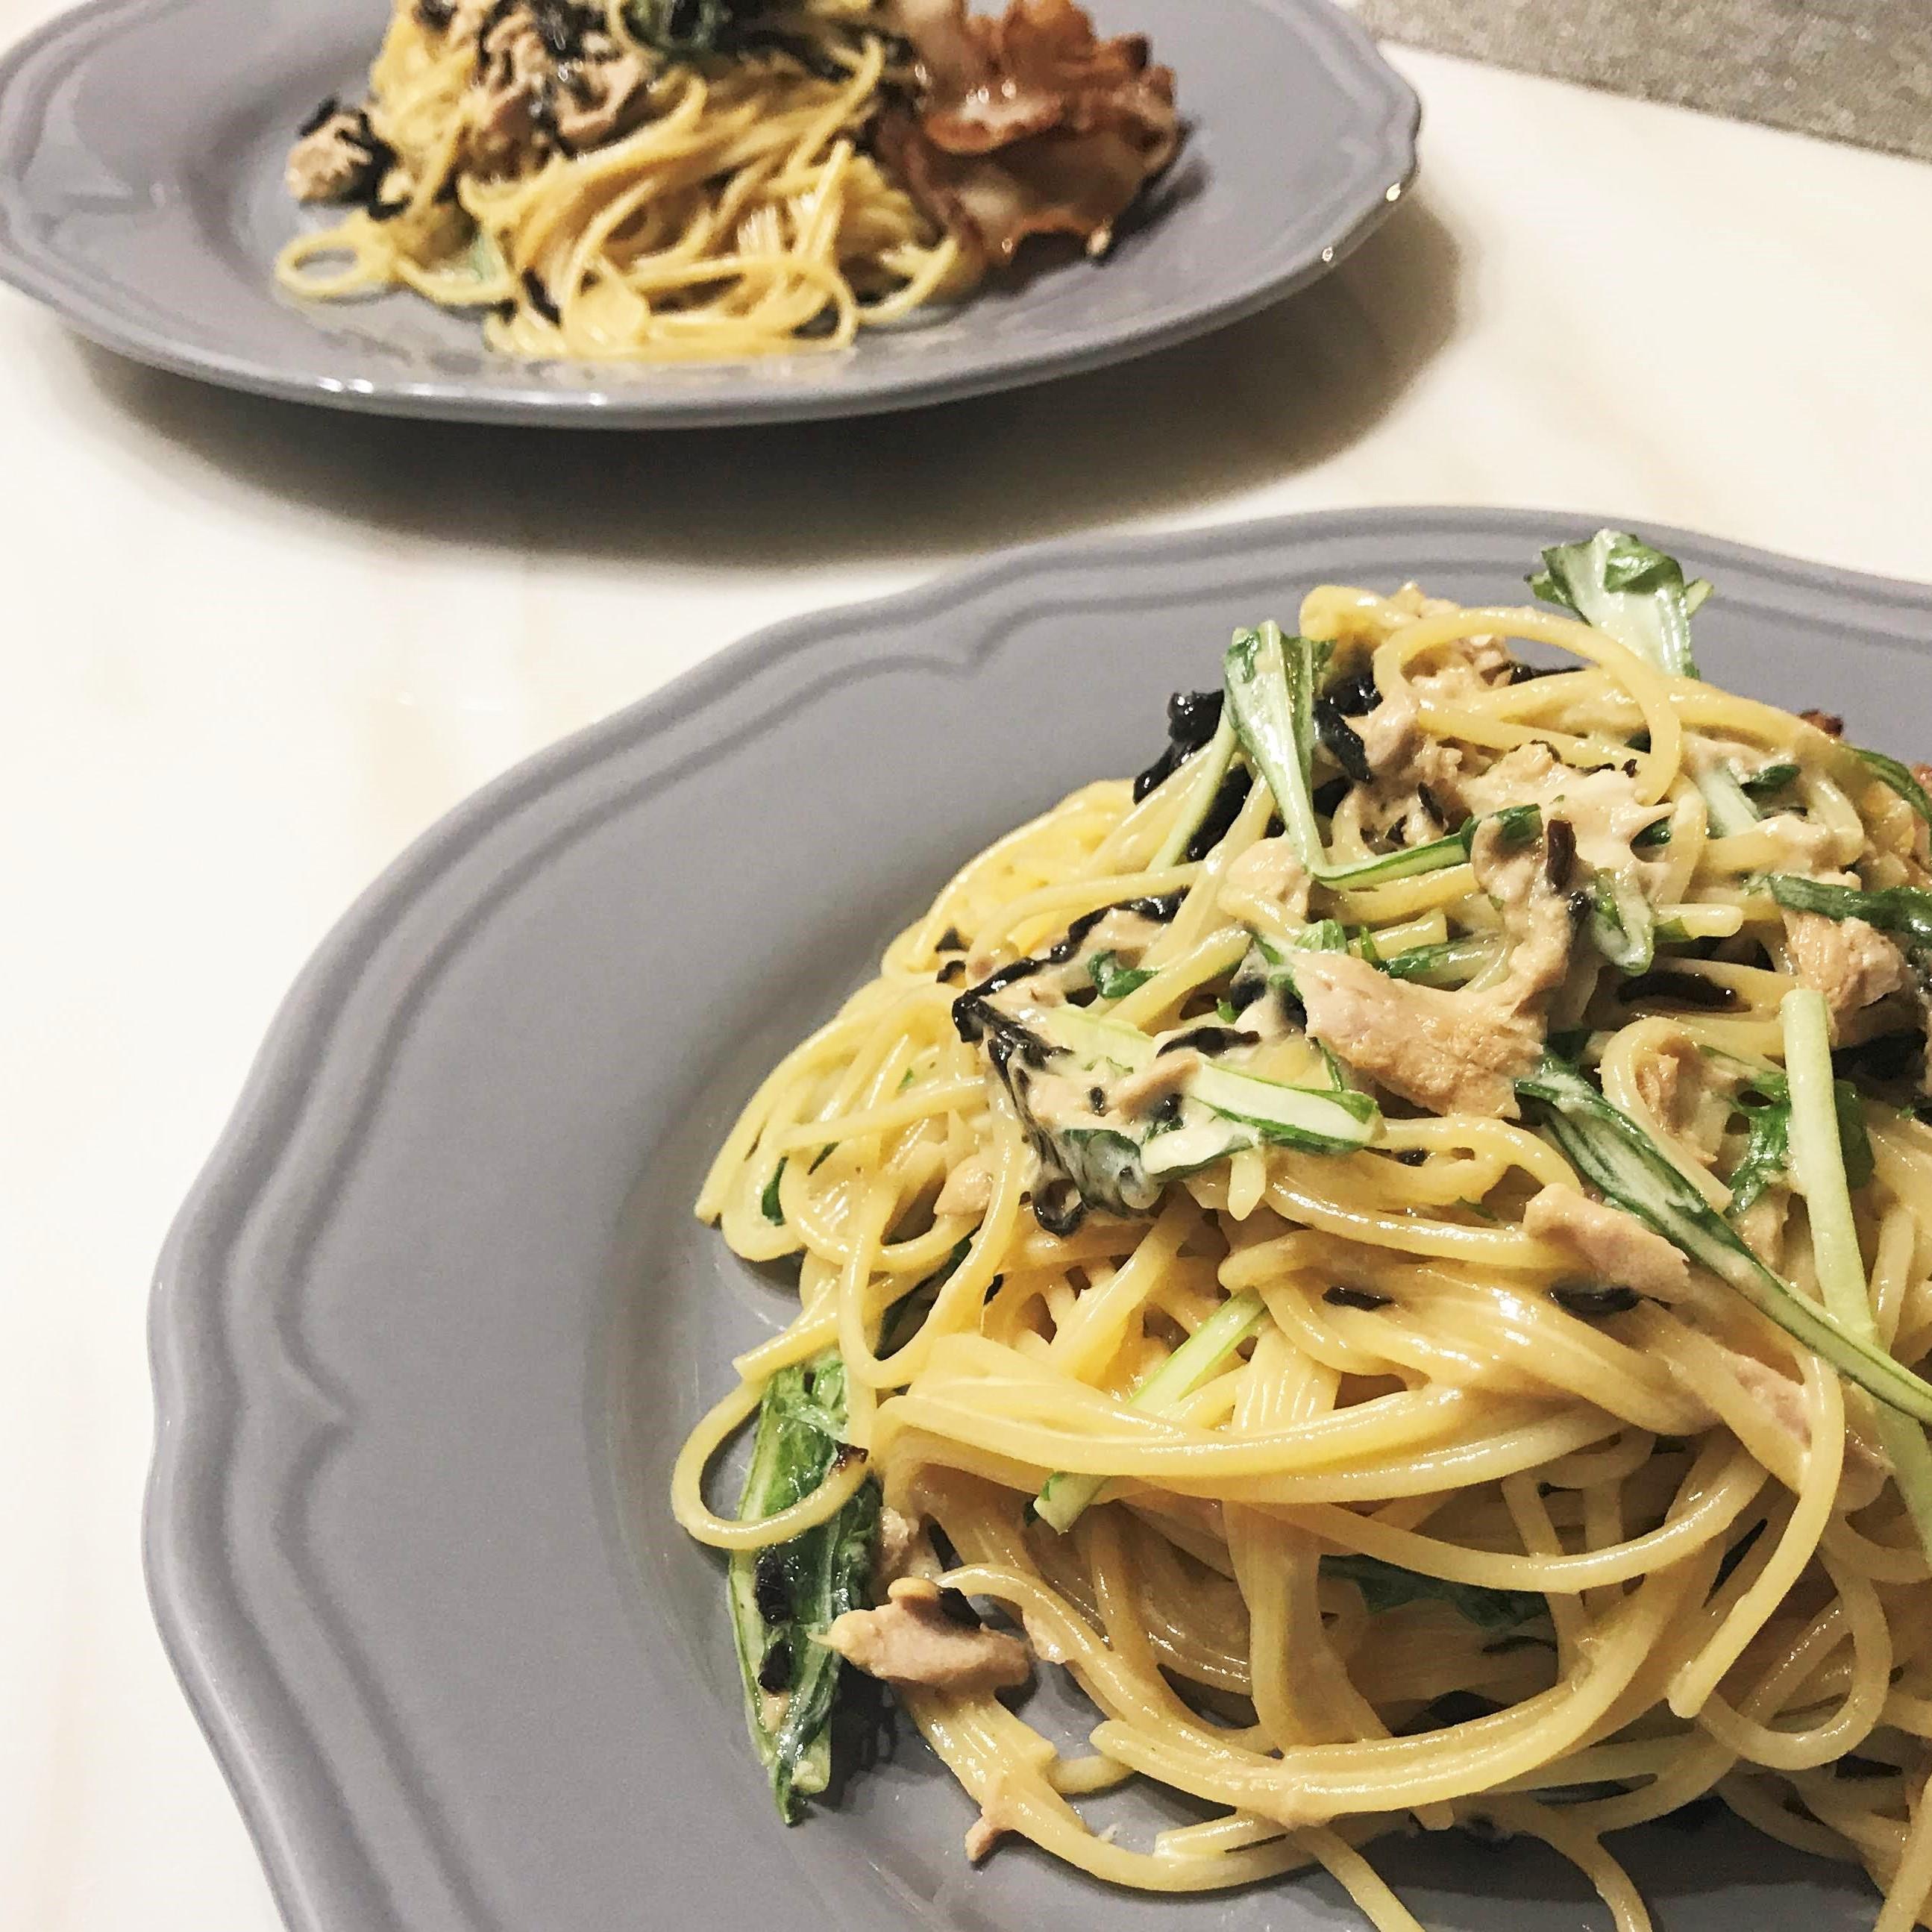 水菜と塩昆布の混ぜるだけパスタ